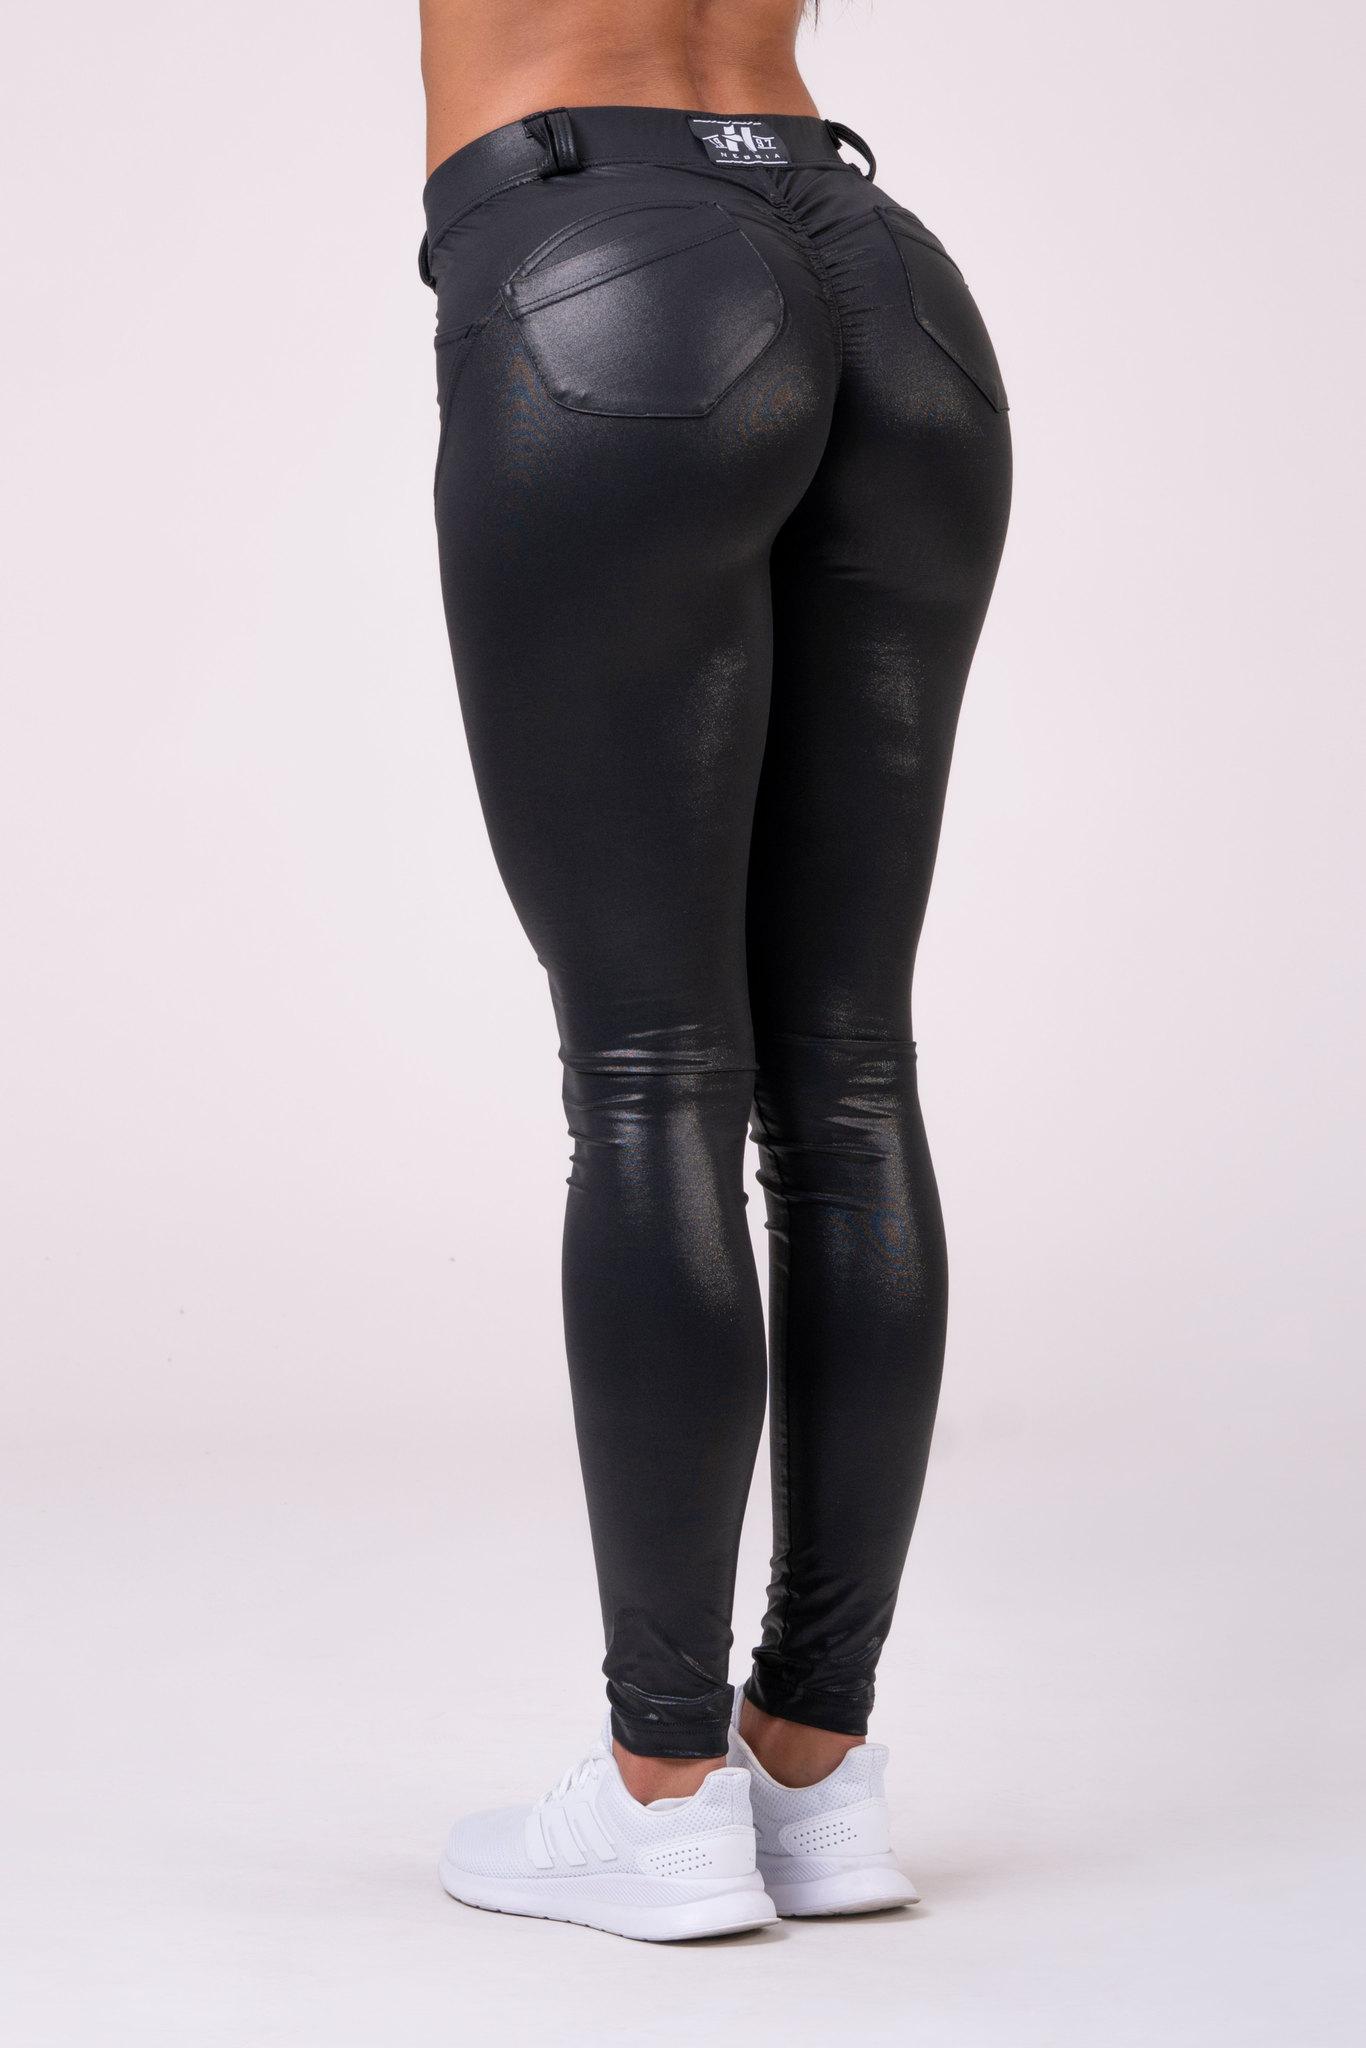 Брюки NEBBIA Bubble Butt pants 539 Black Widow